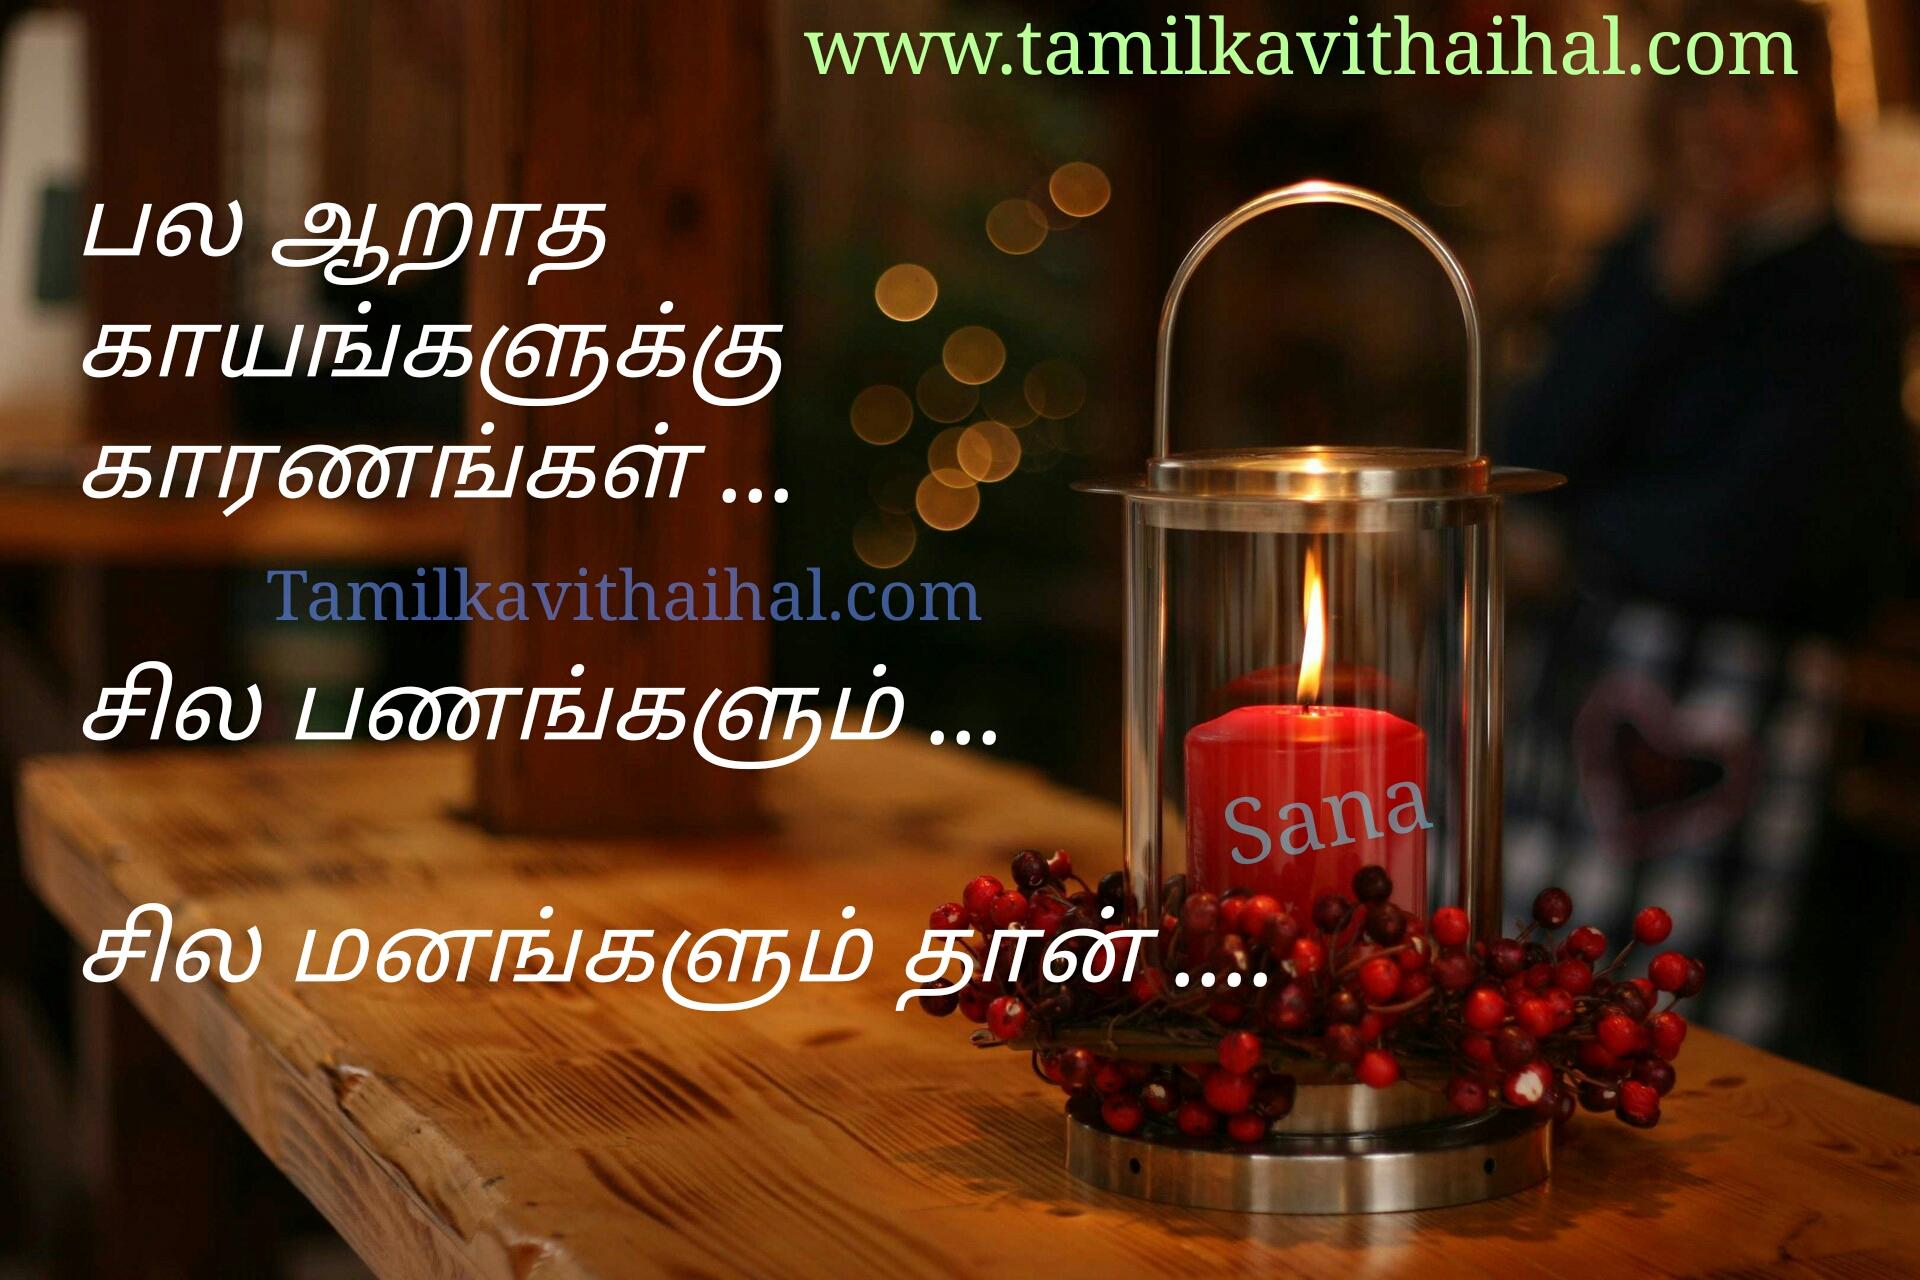 kavithai about panam money manam heart